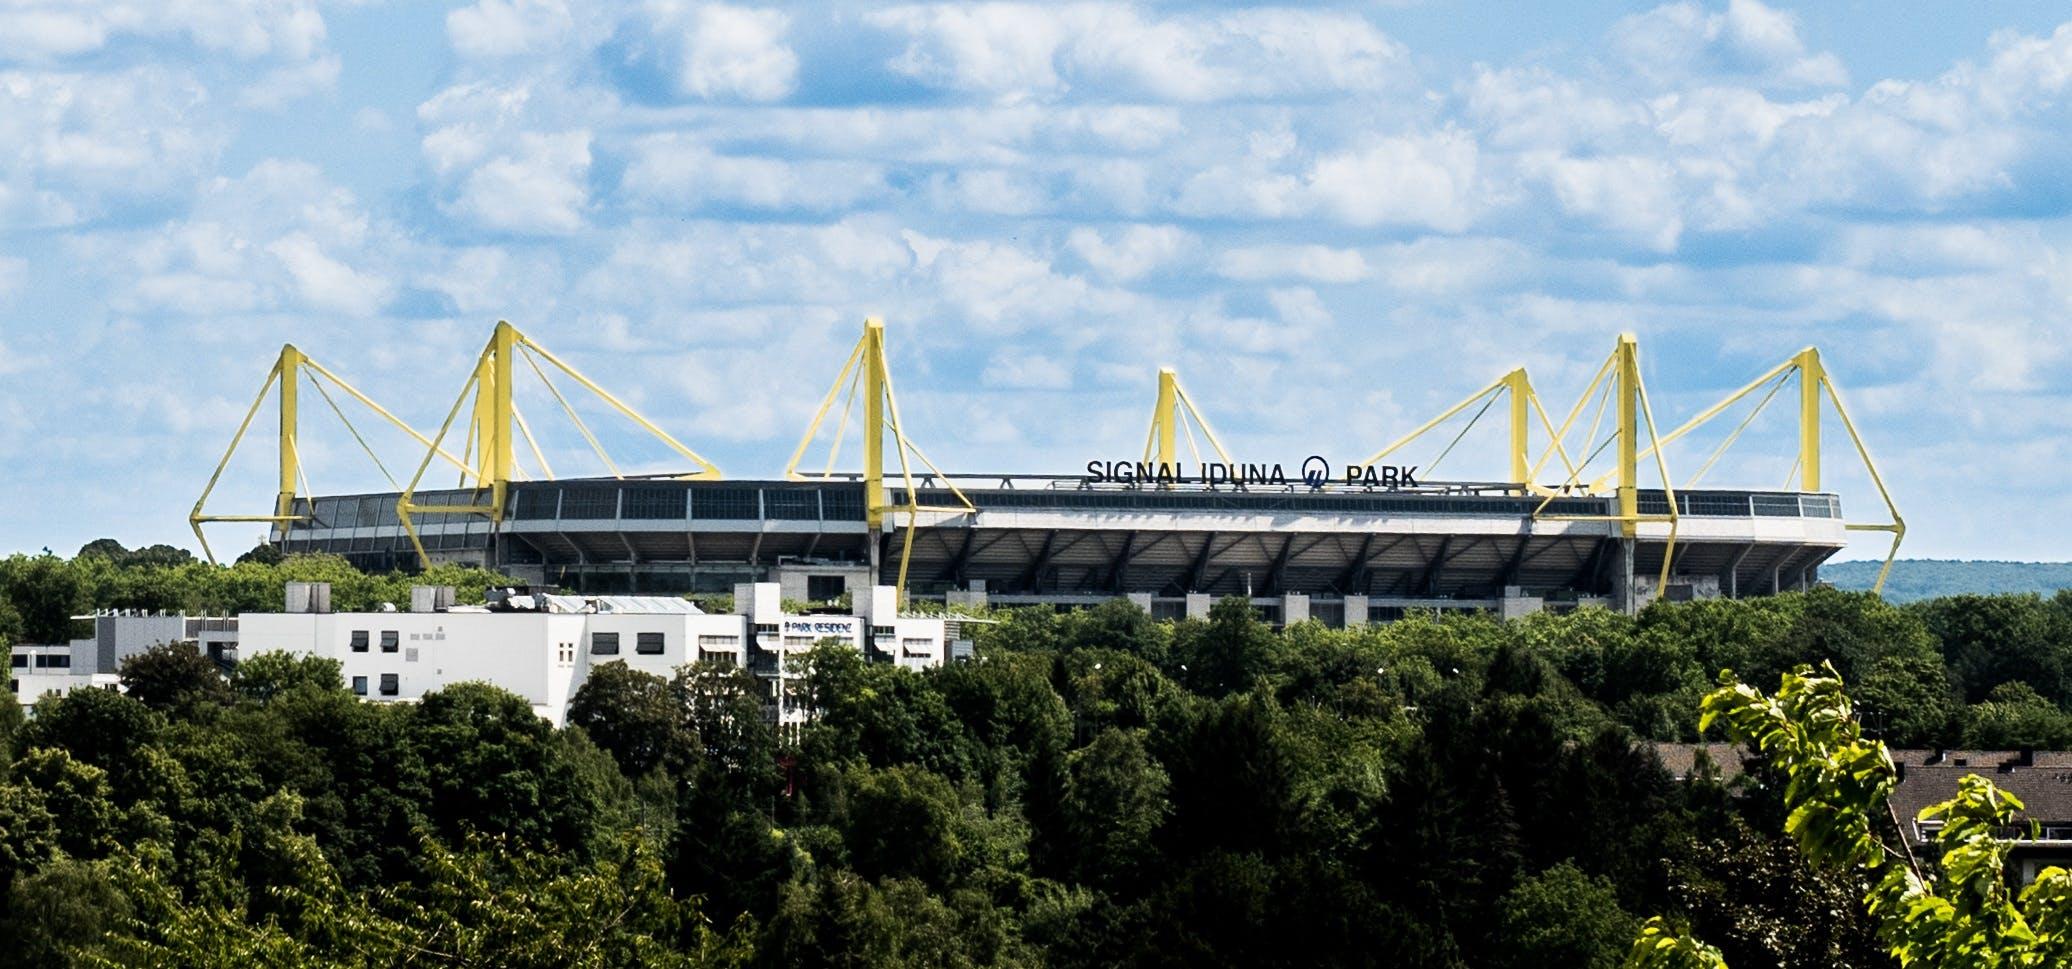 architecture, arena, bridge